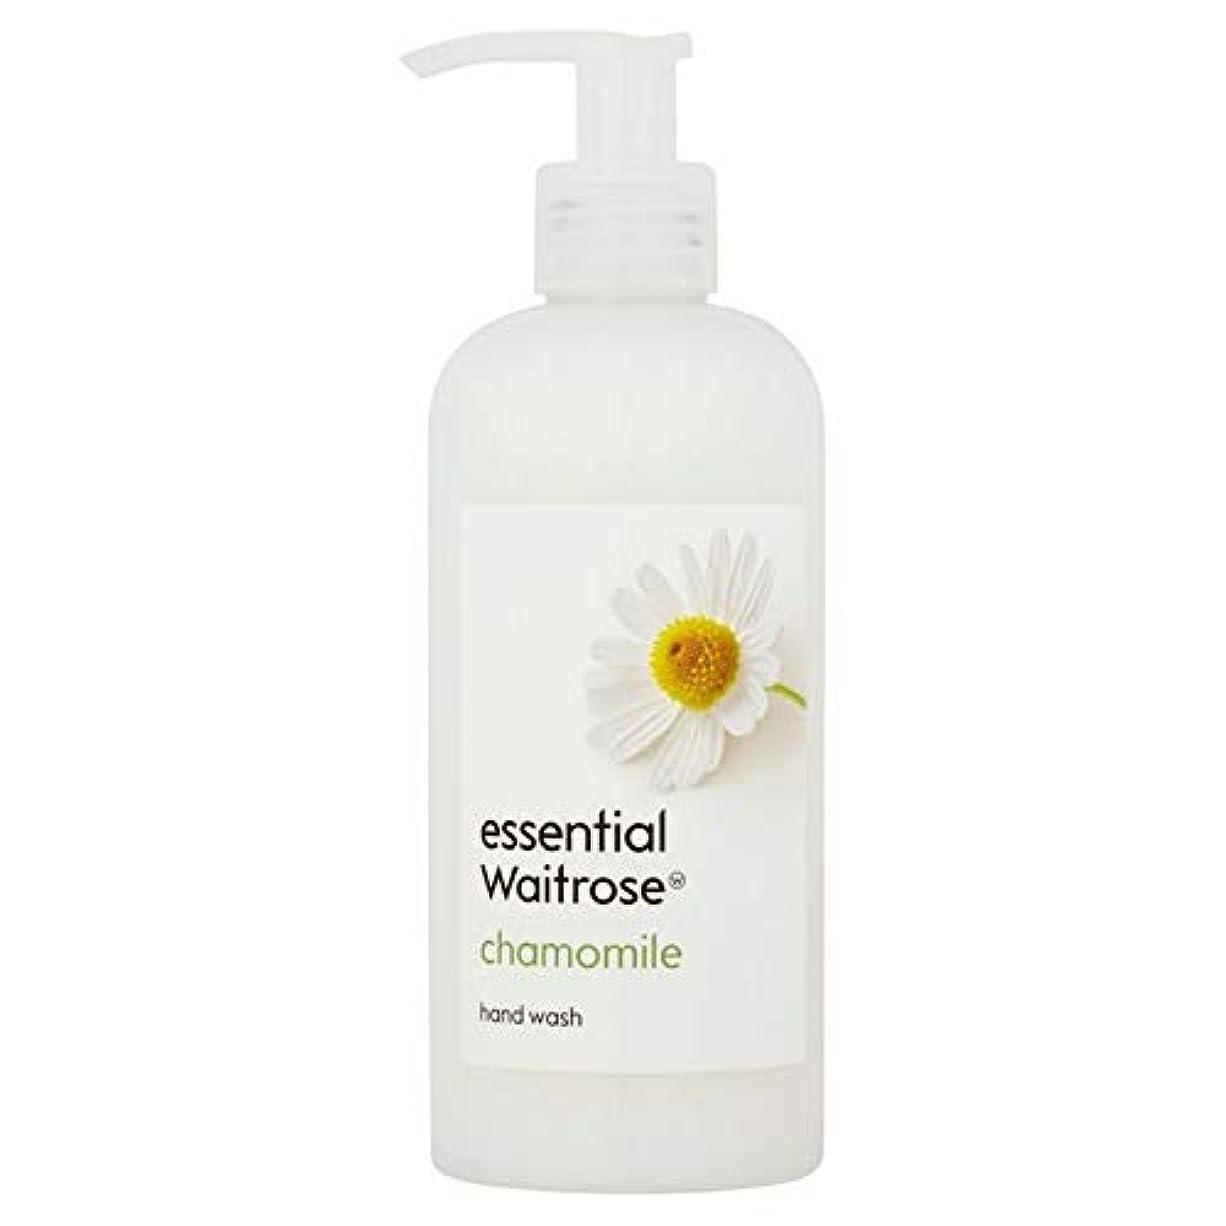 ベルト繊細移植[Waitrose ] 基本的なウェイトローズのハンドウォッシュカモミール300ミリリットル - Essential Waitrose Hand Wash Chamomile 300ml [並行輸入品]